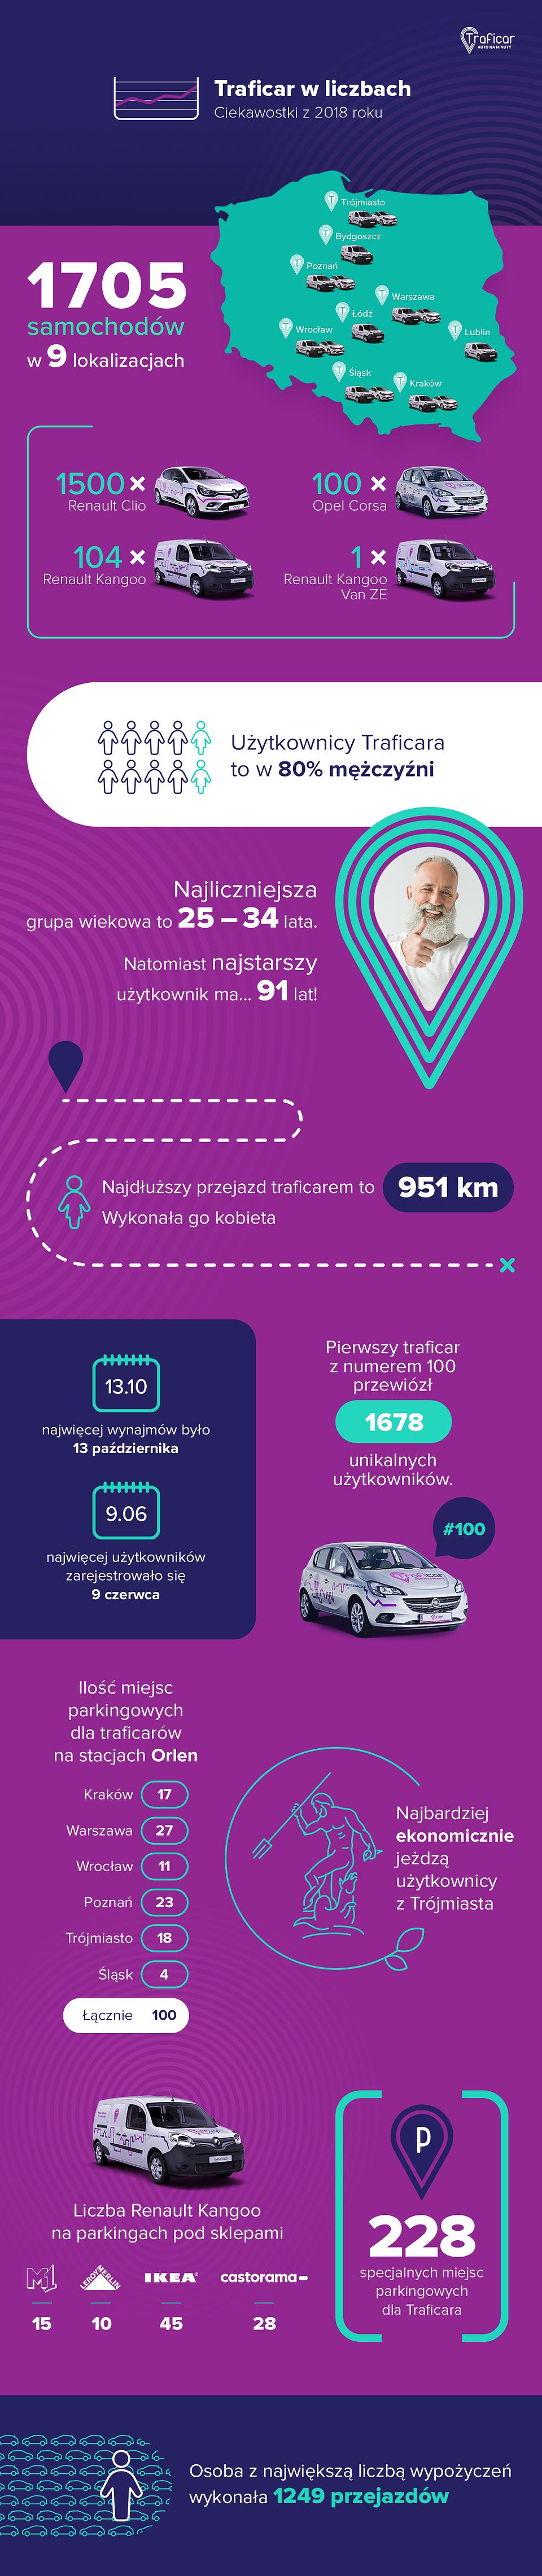 traficar w liczbach_infografika 2018.png